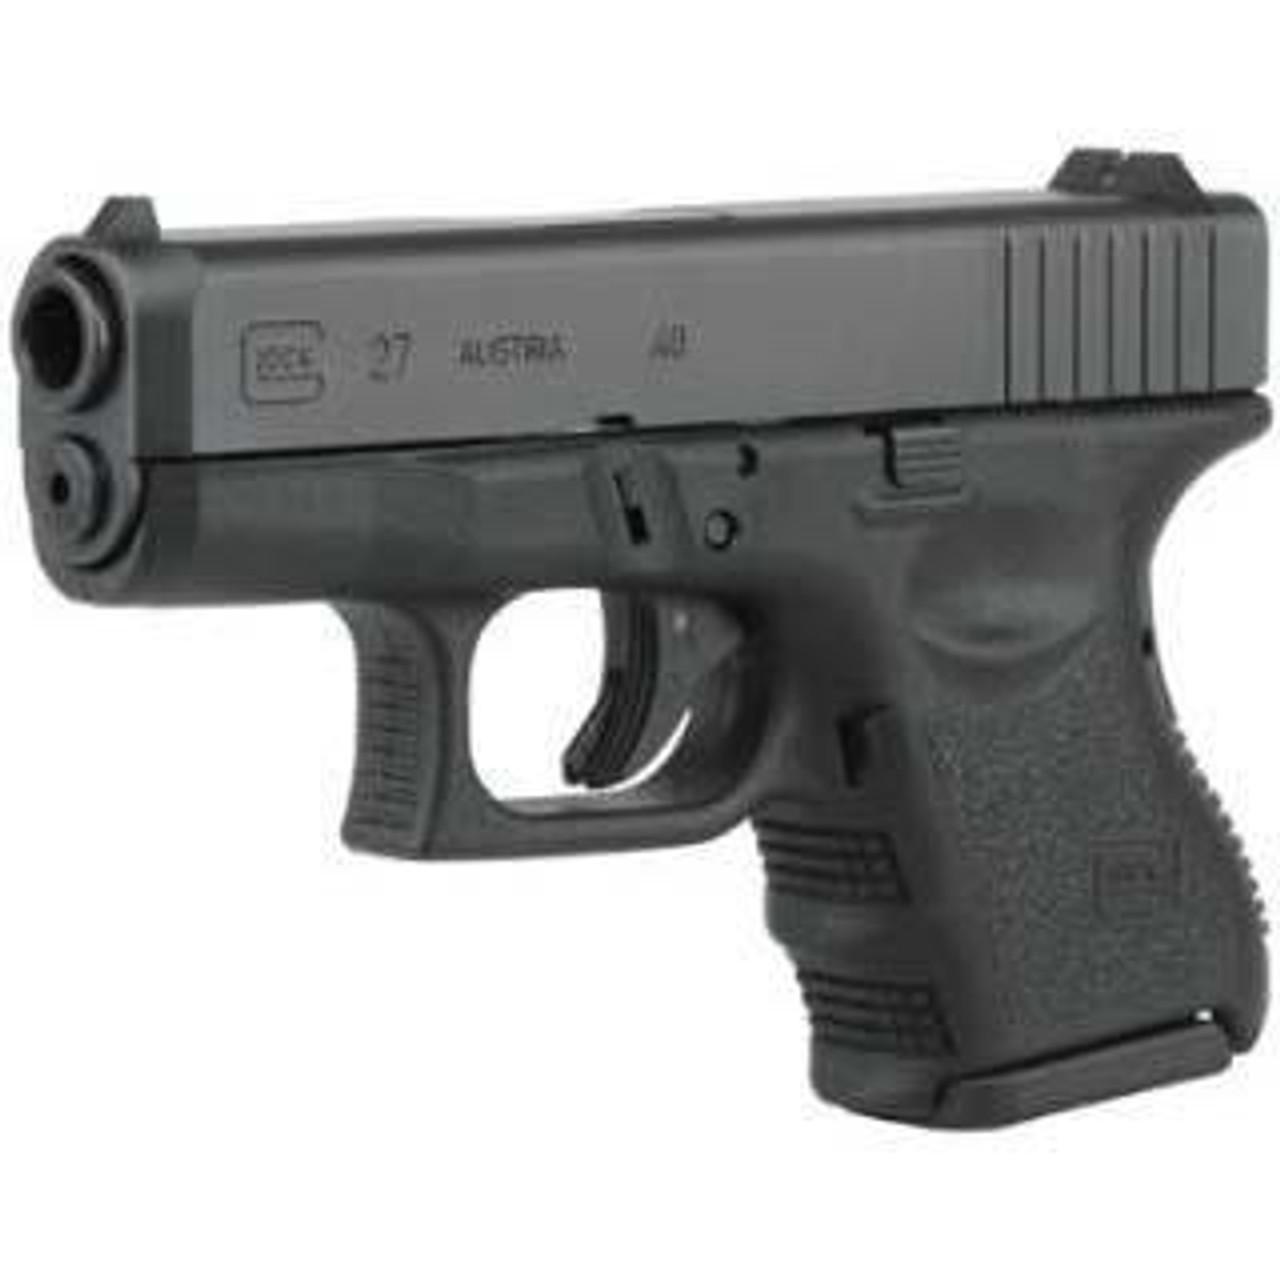 Glock 27 Gen3 CALIFORNIA LEGAL - .40S&W